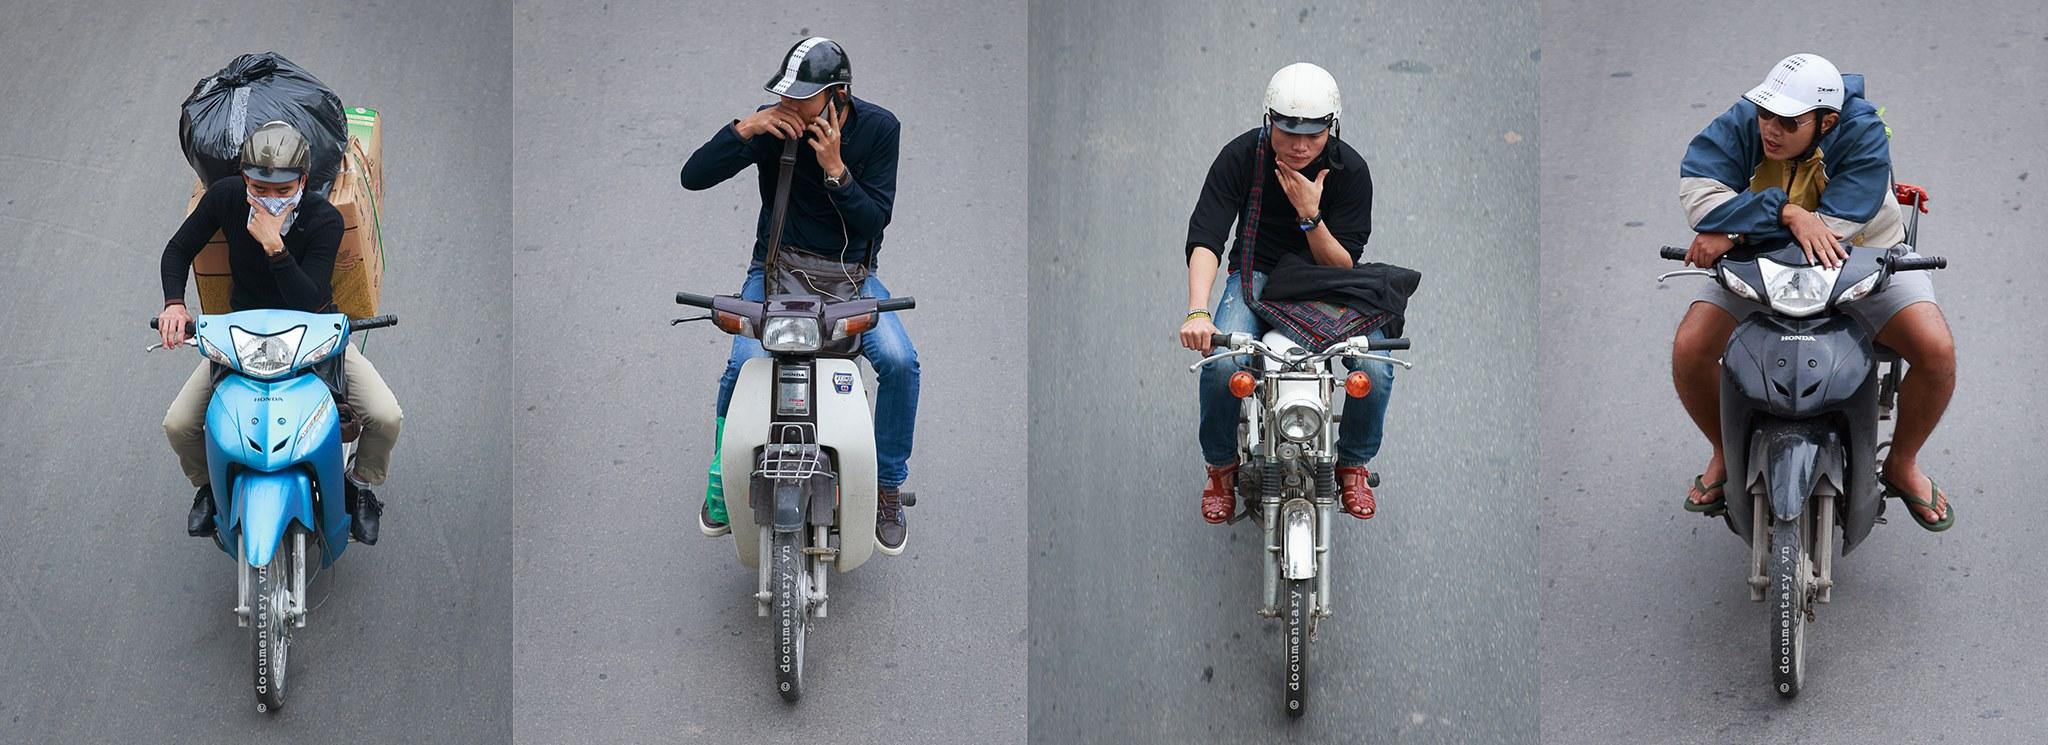 """Góc nhìn thú vị về giao thông Hà Nội qua loạt ảnh """"Những bộ tứ siêu đẳng"""""""